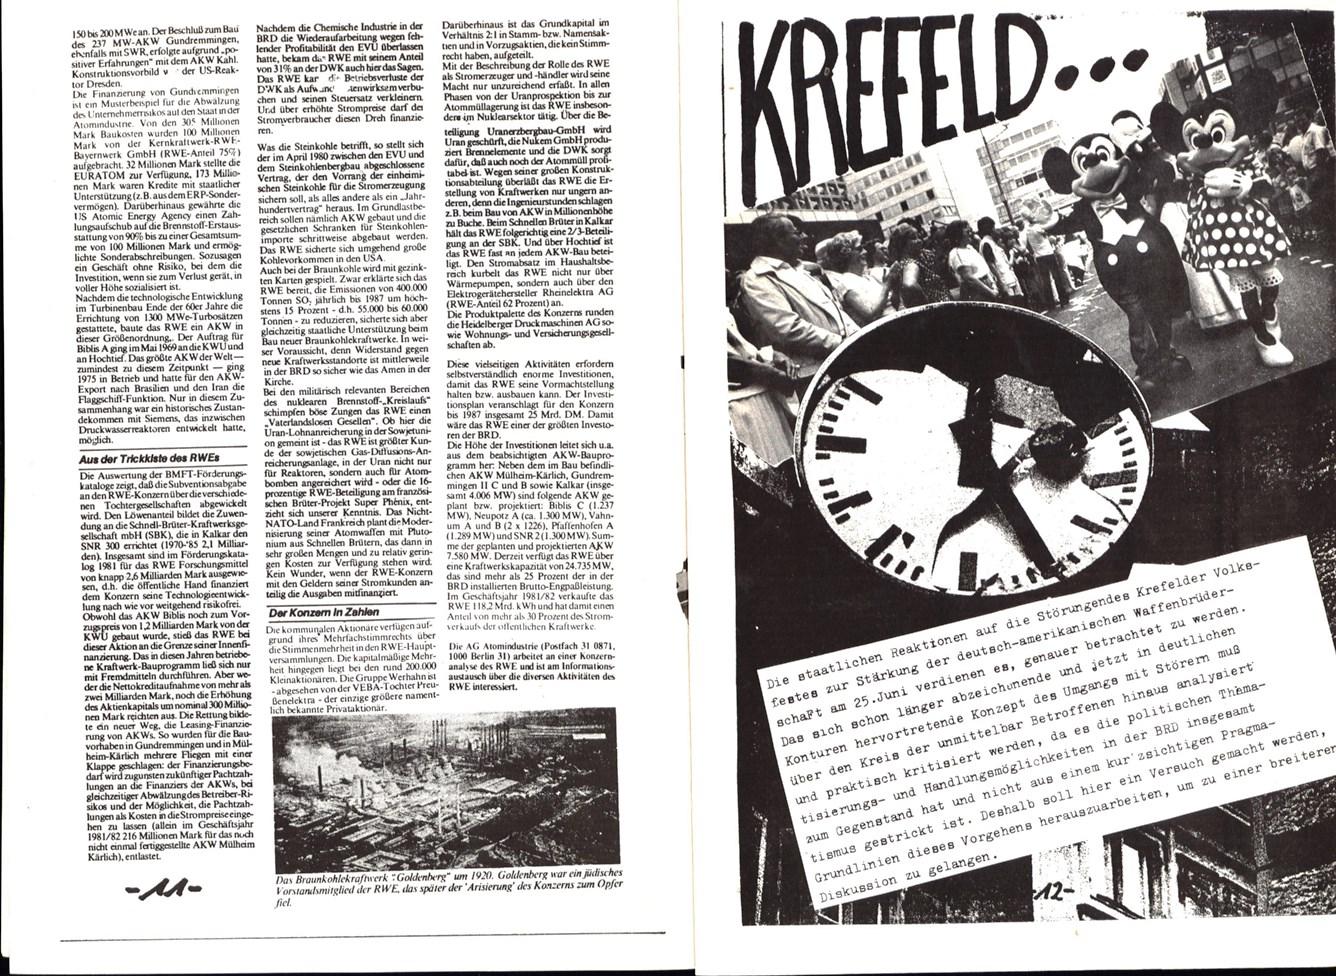 NRW_AKW_LKNRW_19830821_44_07